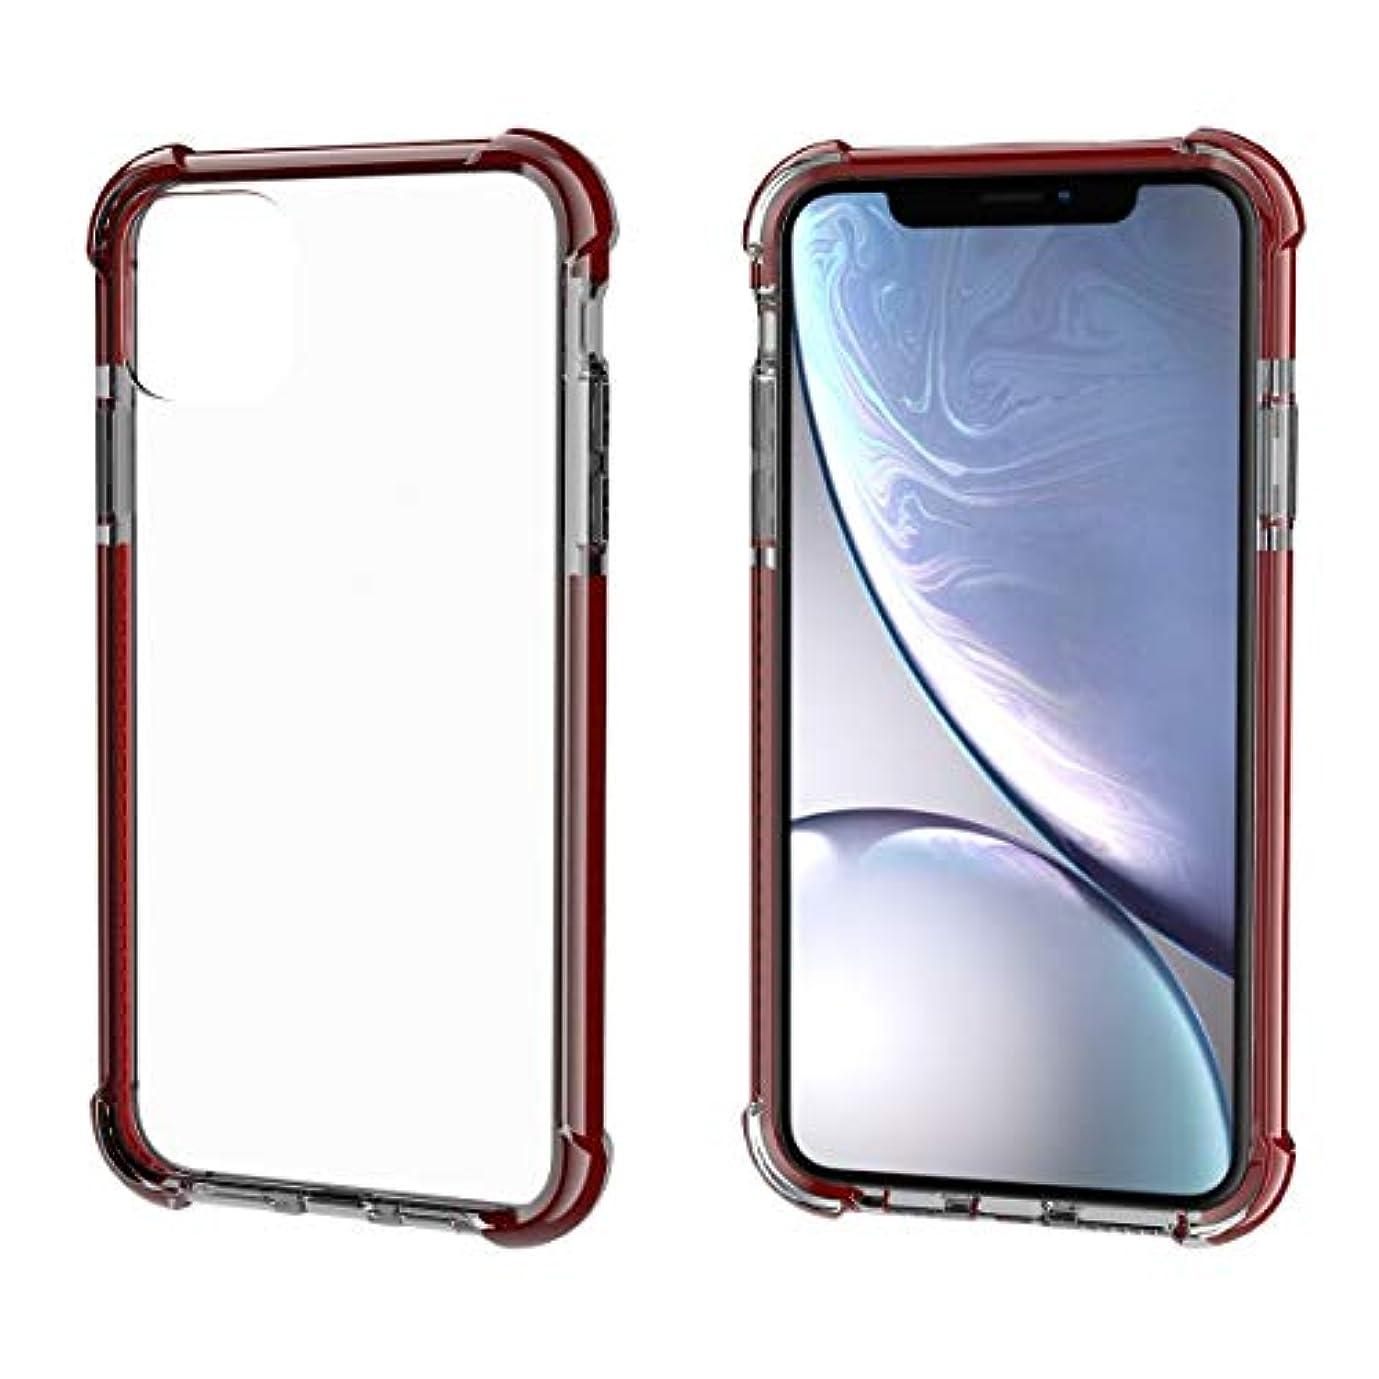 基準追う単語HAONANA ビジネススリムフィット IPhone 11携帯電話ケース、透明保護カバー、TPUバンパー、耐スクラッチ、薄い携帯電話保護カバー、かわいい保護カバー、補強コーナー、耐衝撃保護カバーに適しています (Color : Crimson)